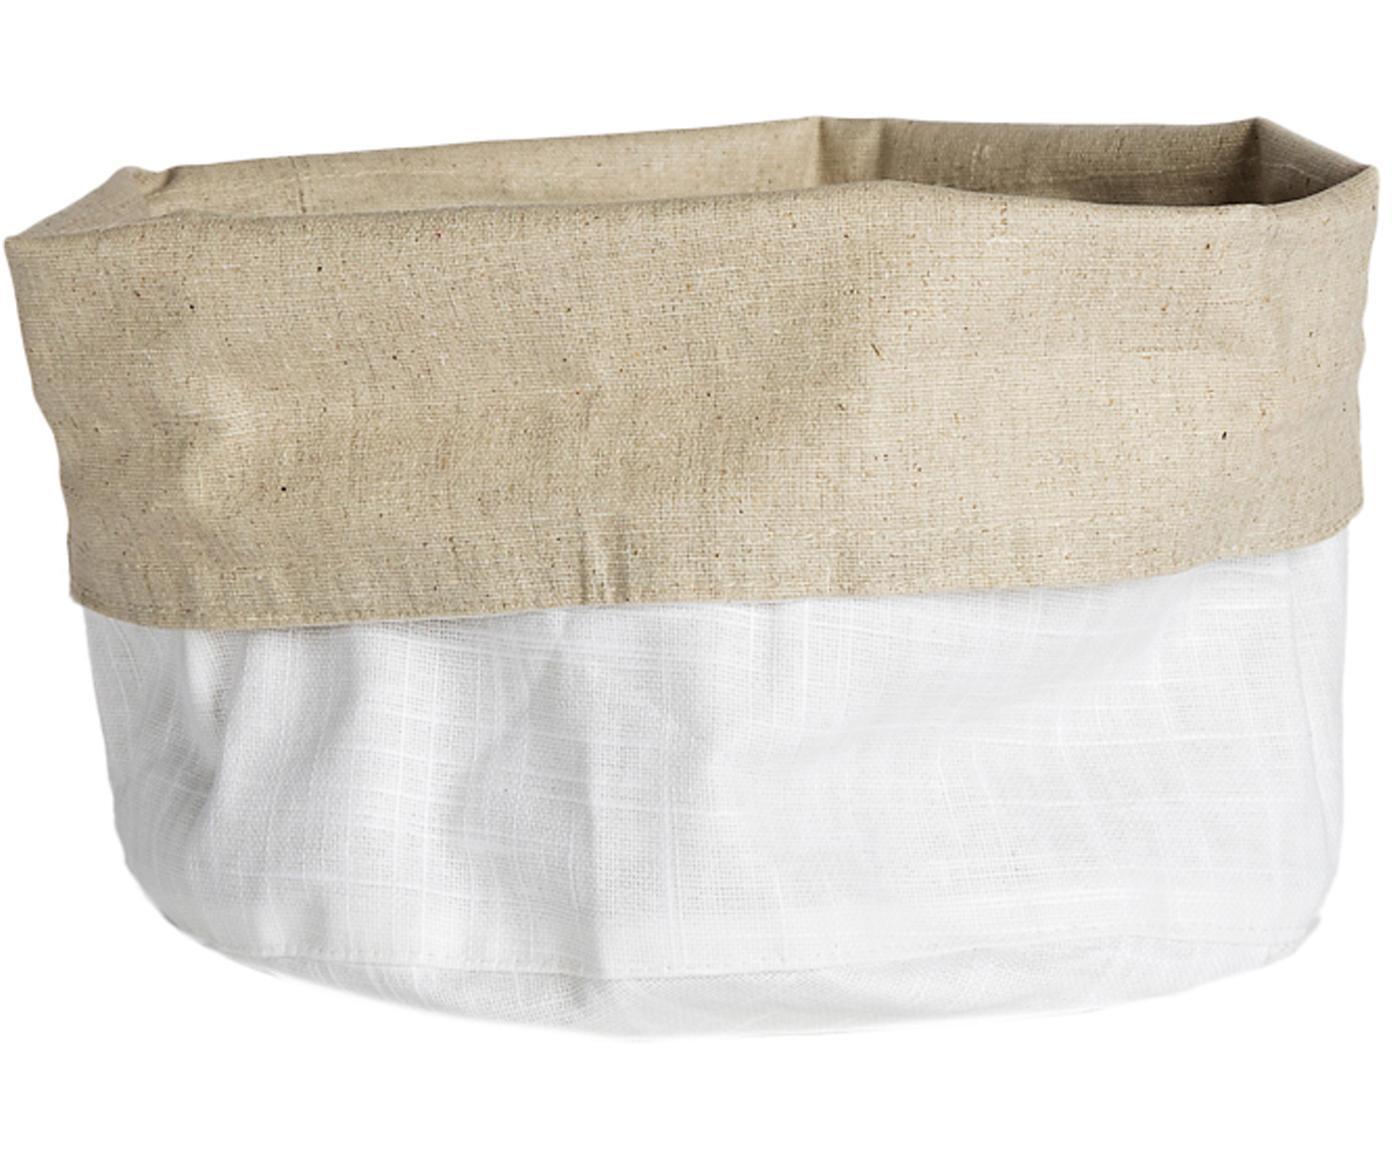 XS Leinen-Brotkorb Patinn in Weiß/Beige, 55% Leinen, 45% Baumwolle, polyurethanbeschichtet, Weiß, Beige, Ø 16 x H 20 cm